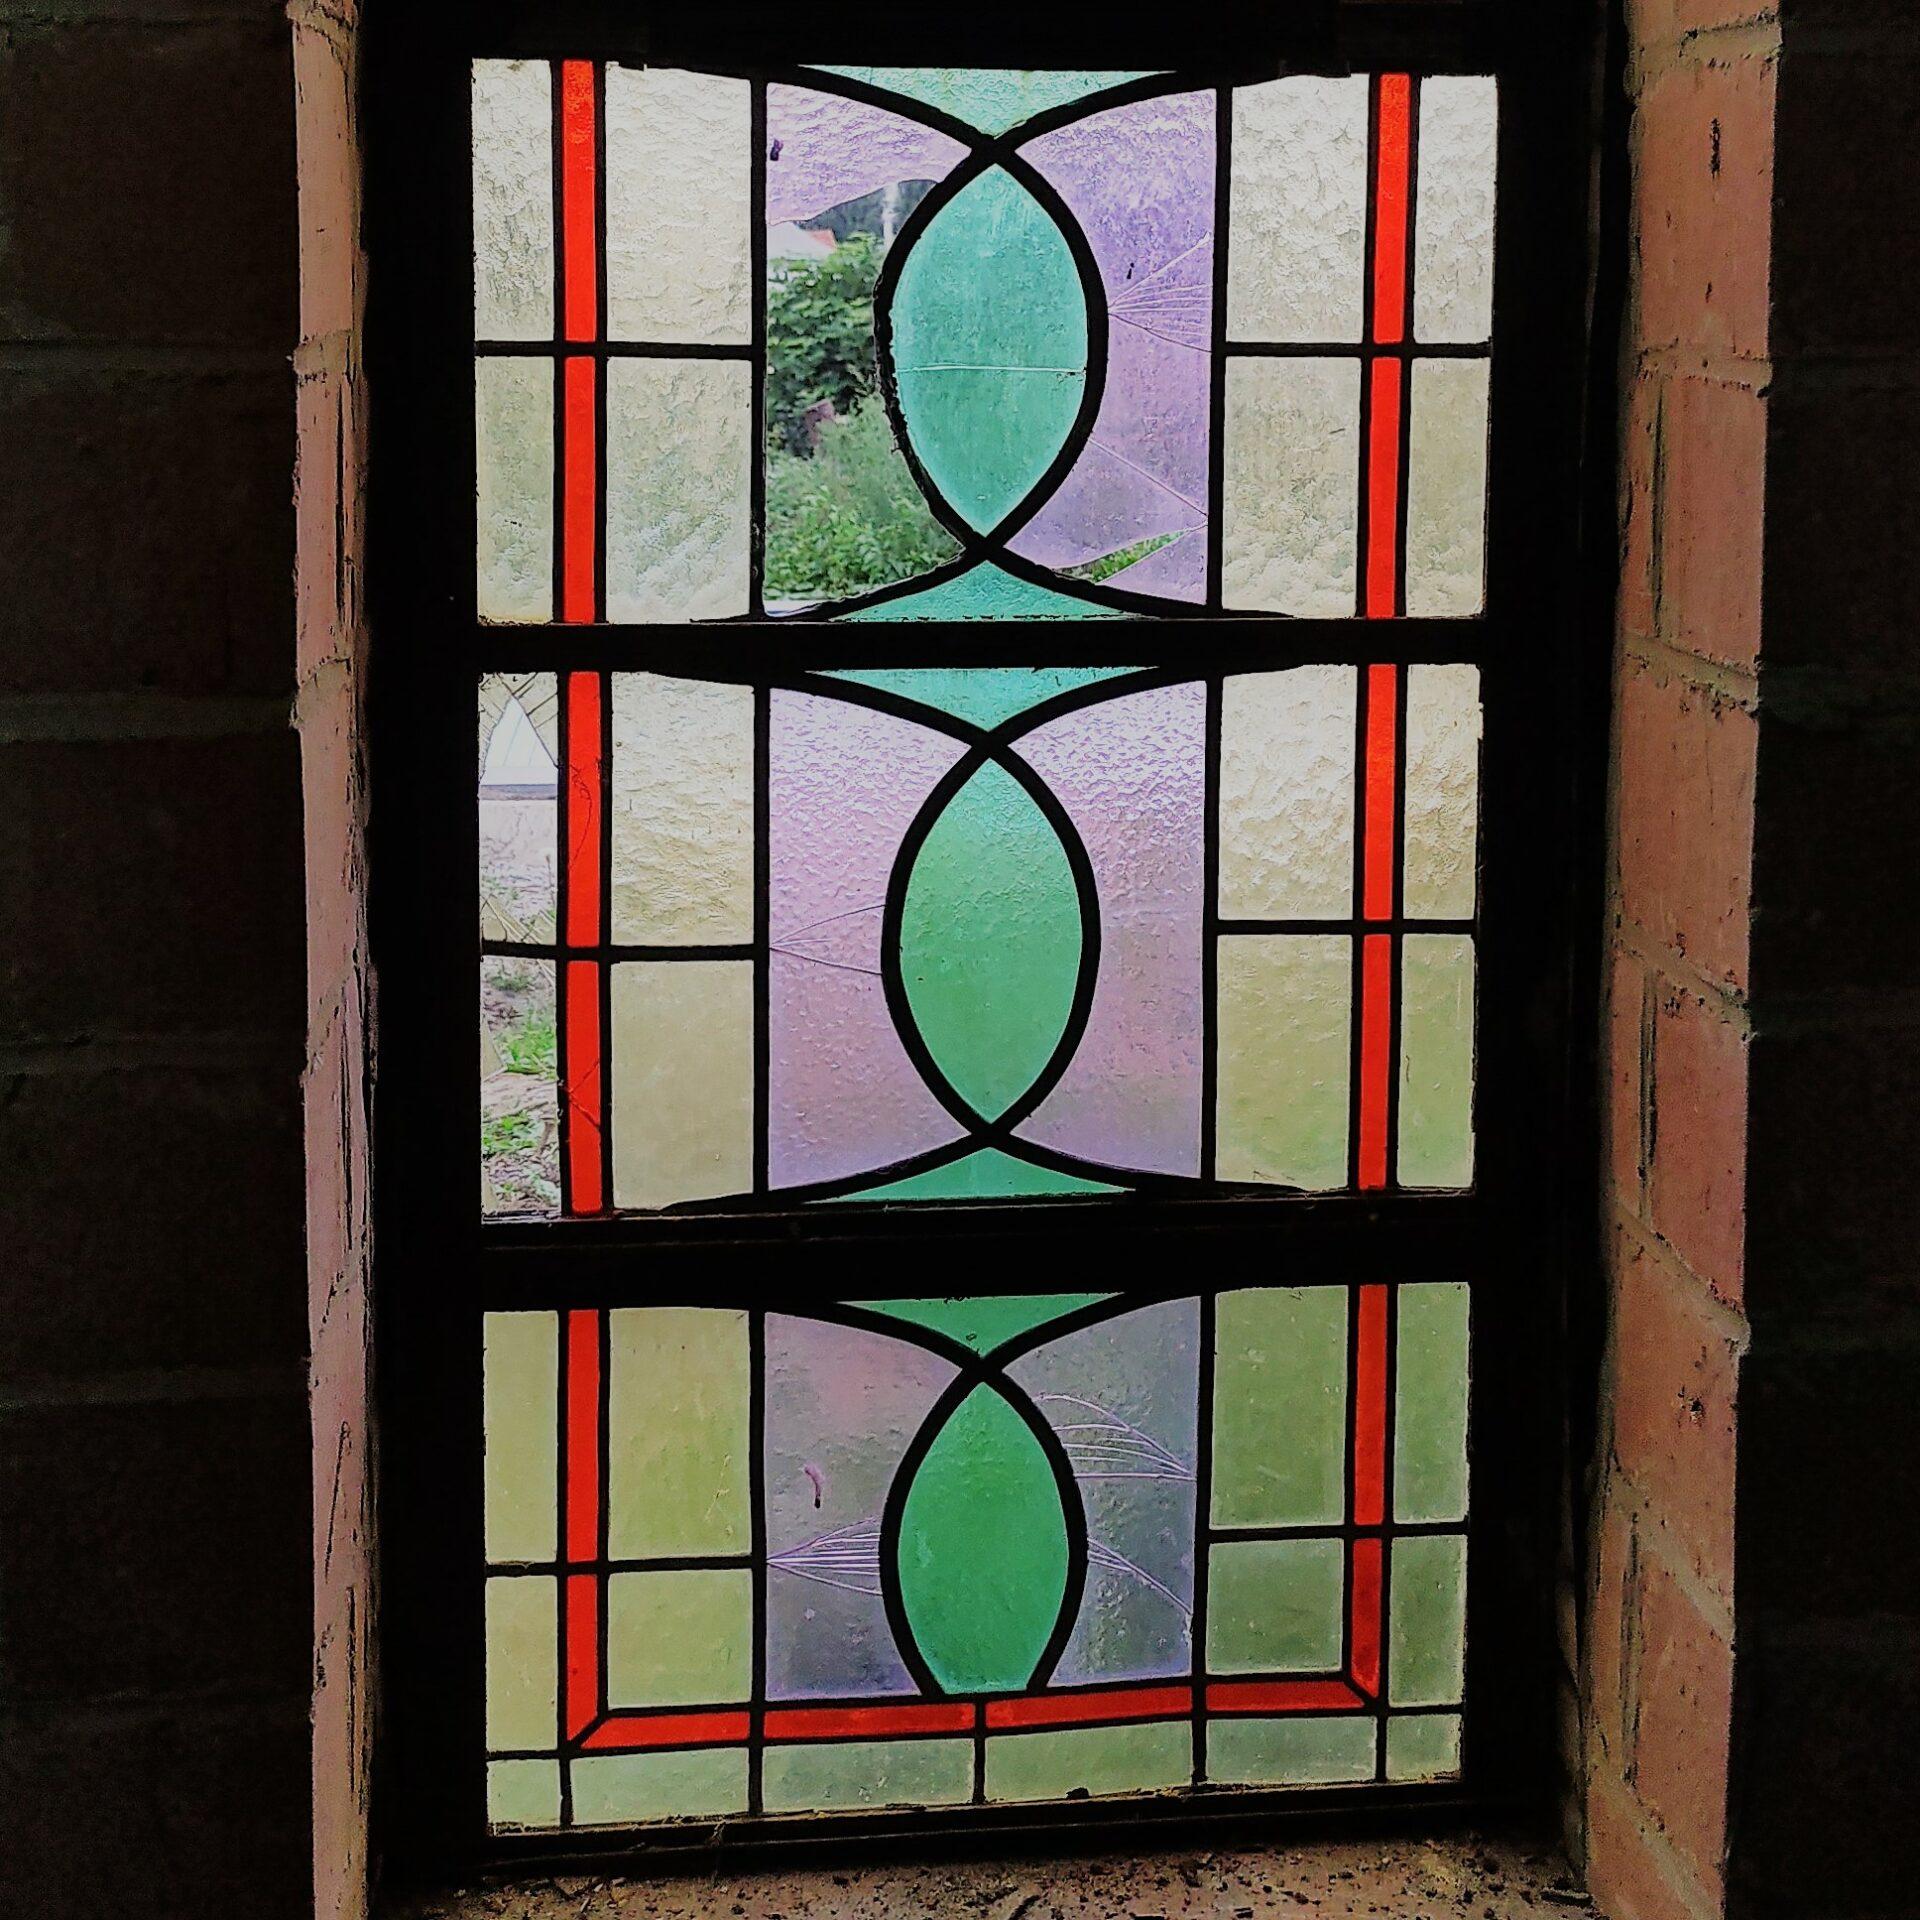 Gebroken glasraam vitrail habimé broken stained glass